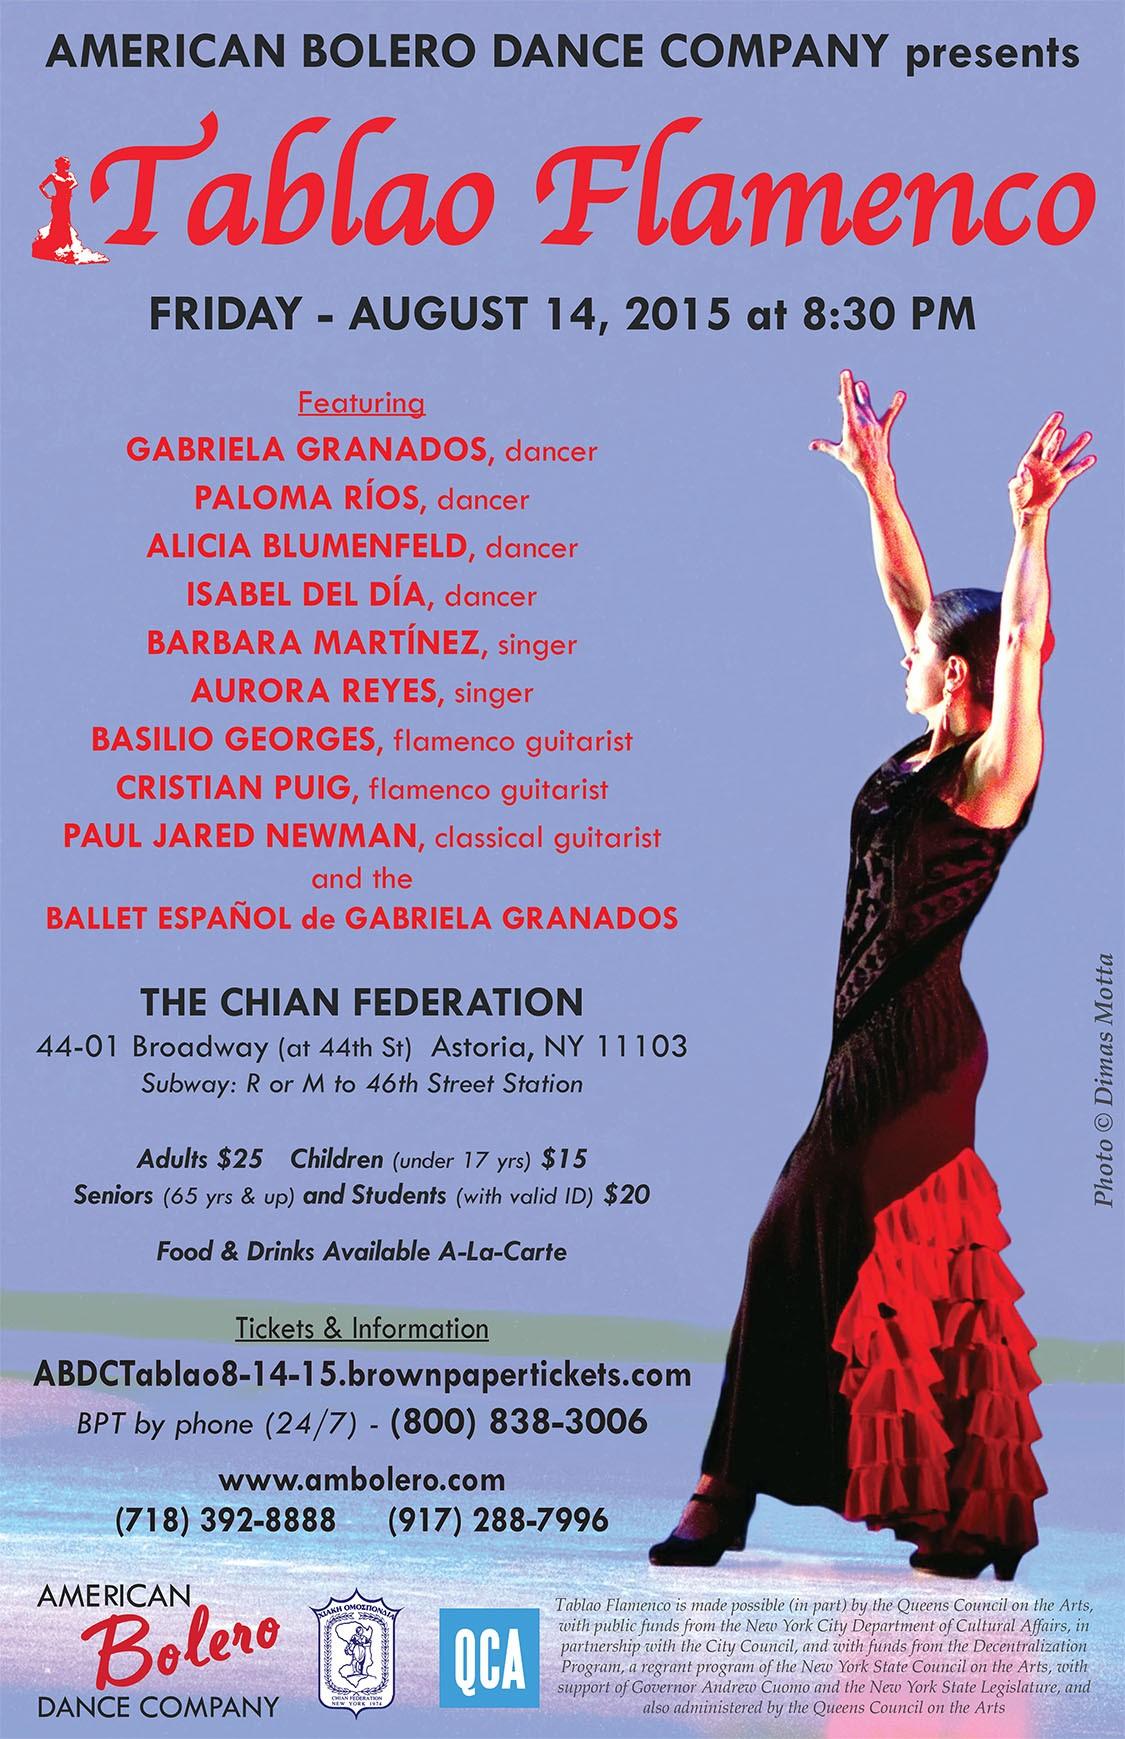 American Bolero Dance Company presents Tablao Flamenco